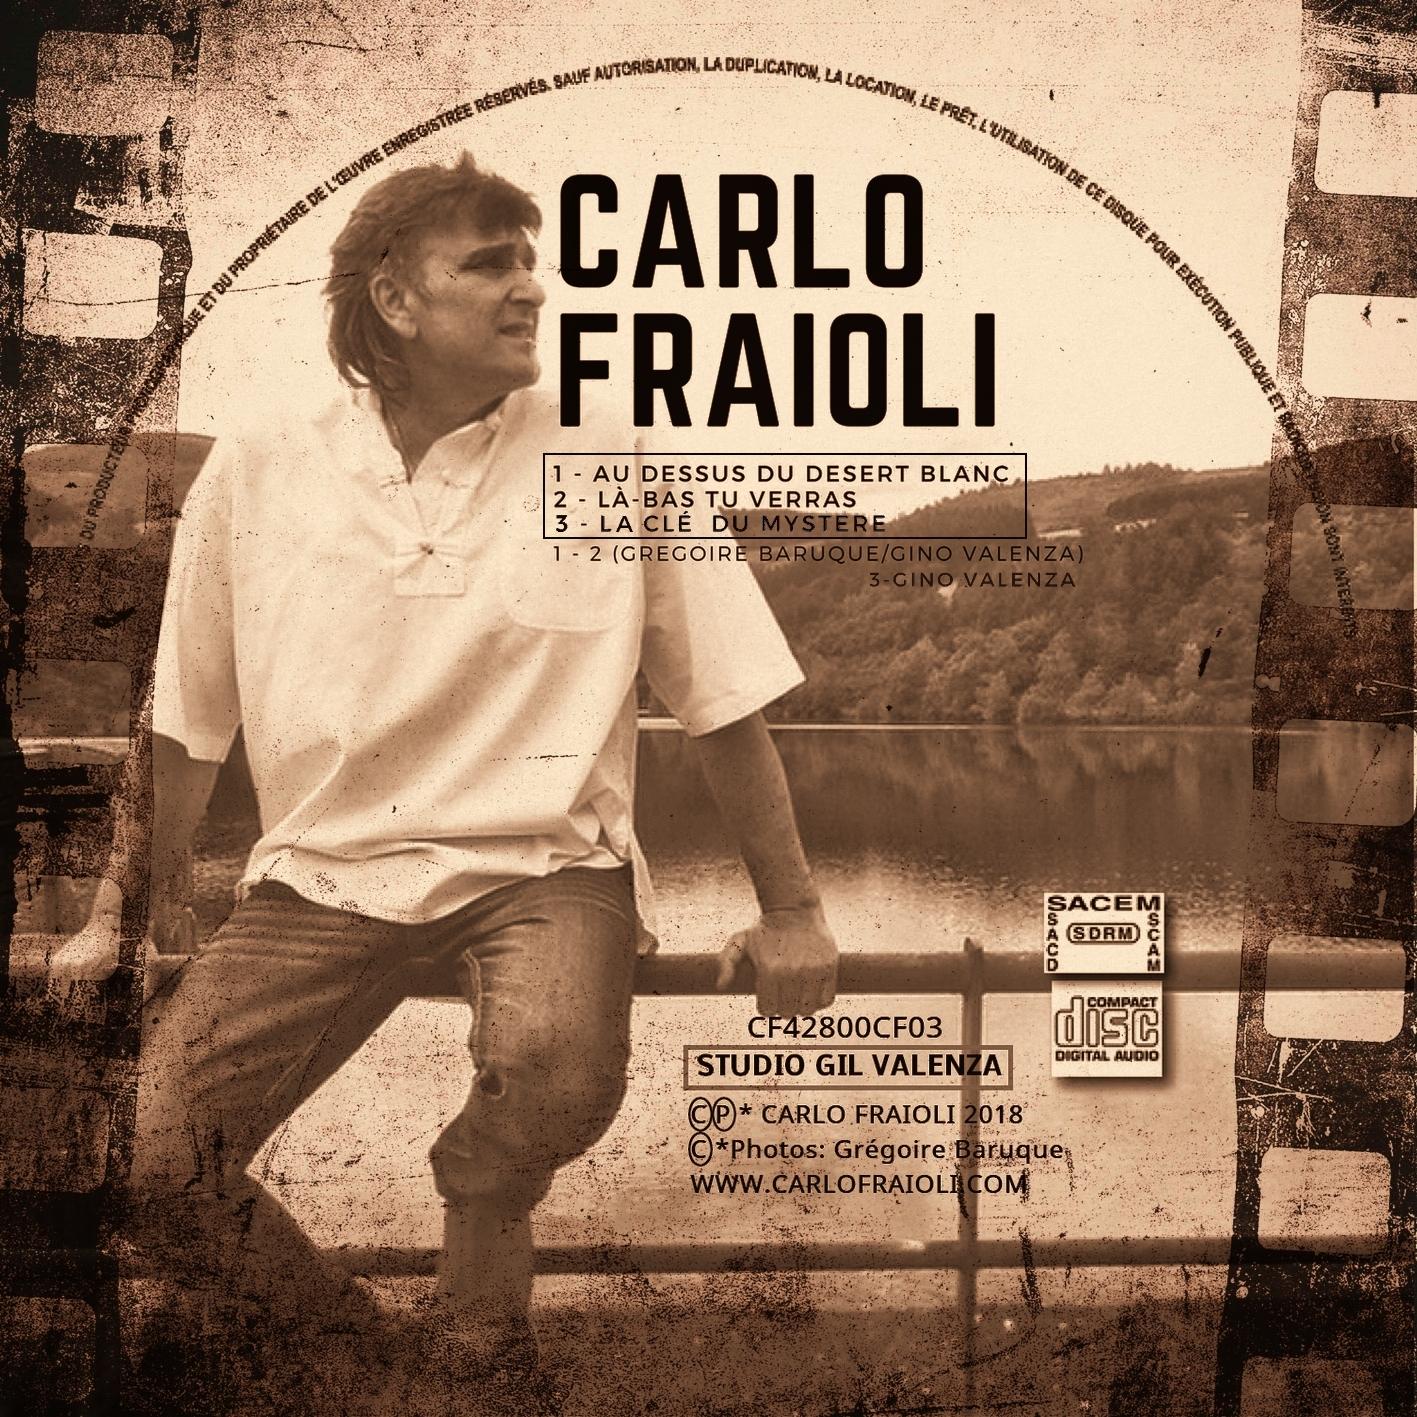 G ROND CARLO FRAIOLI 2018